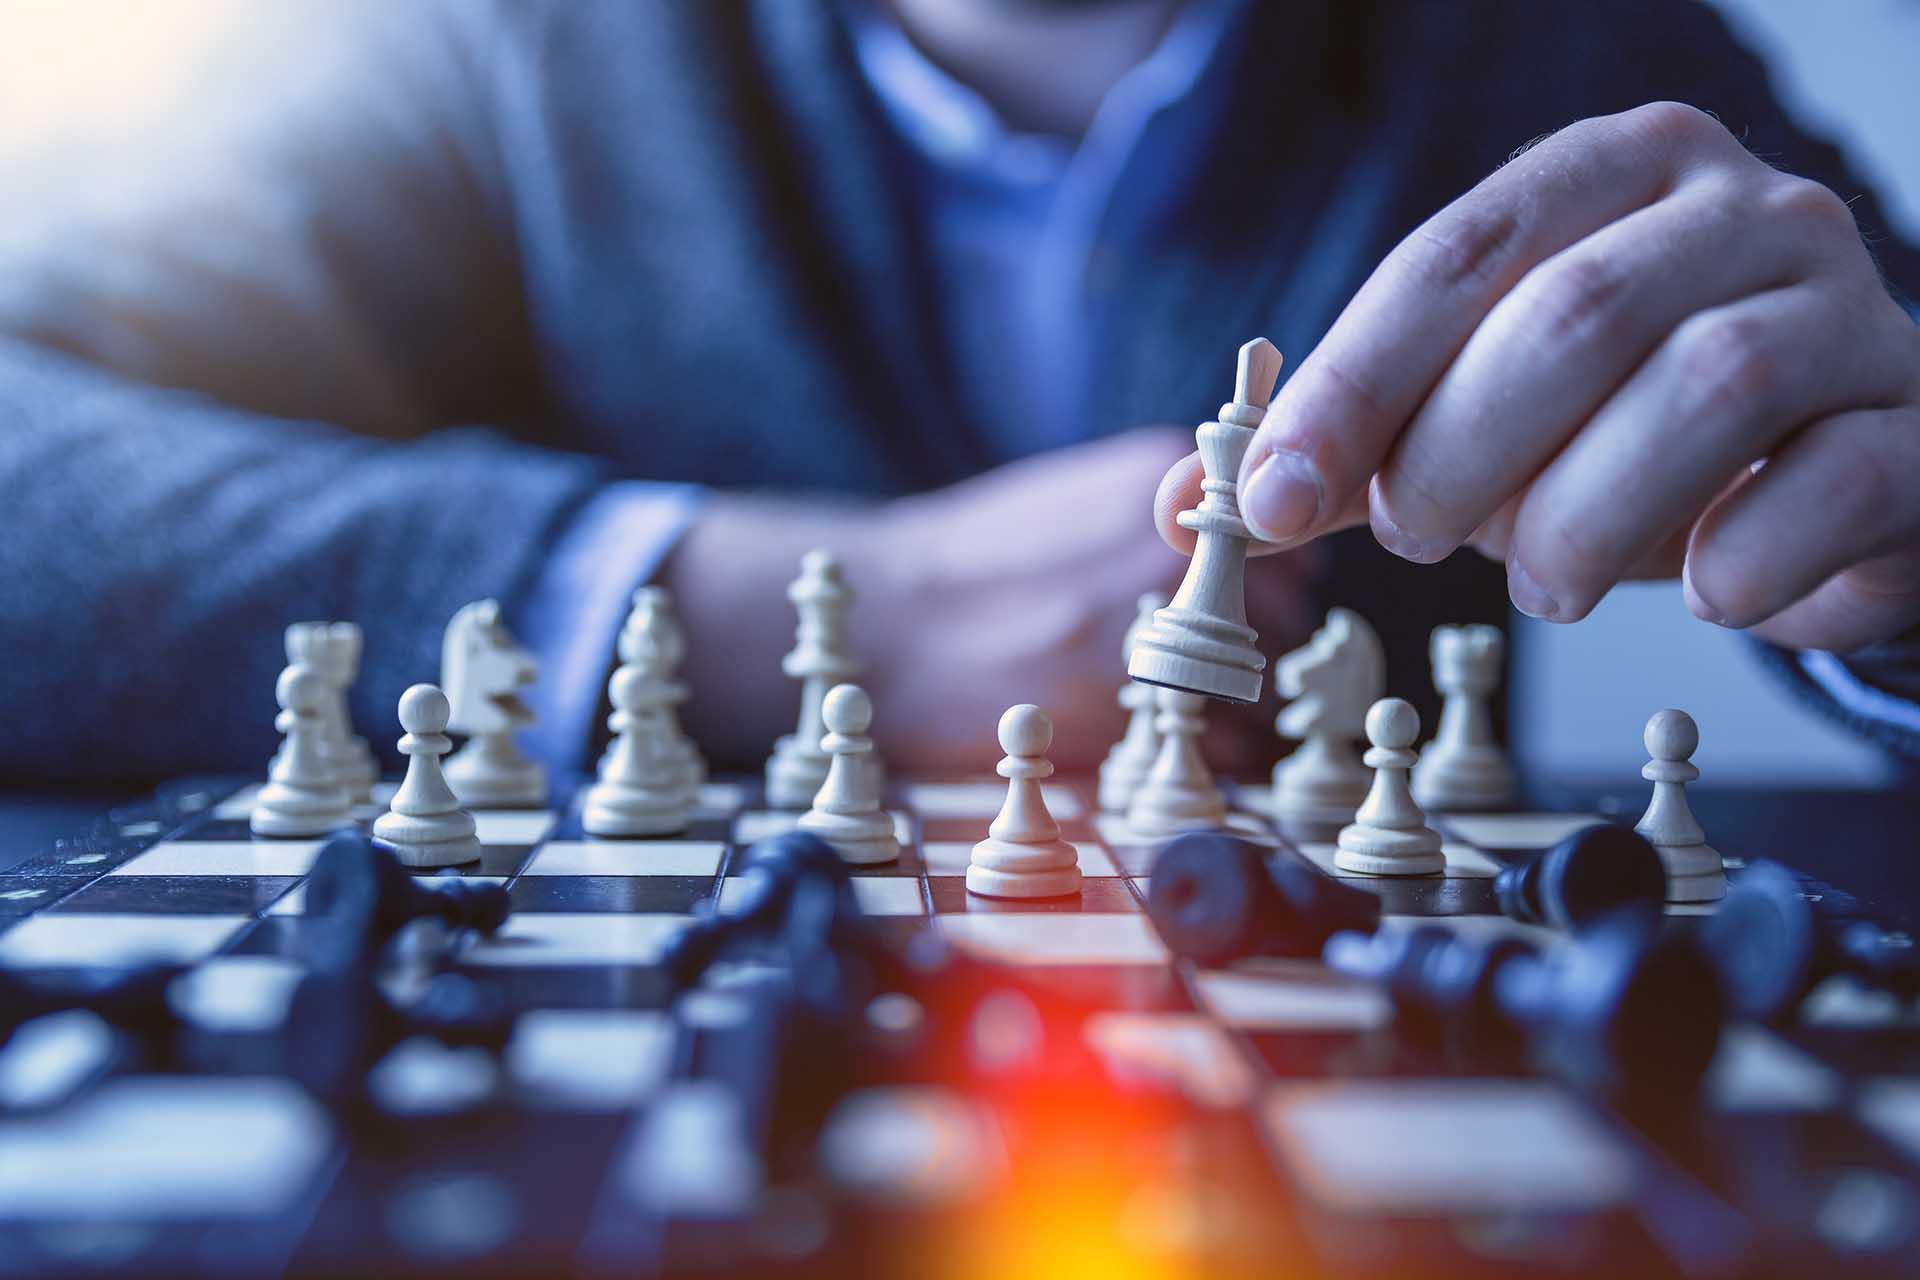 t2informatik Blog: Die Auwahl von Unternehmensberatern